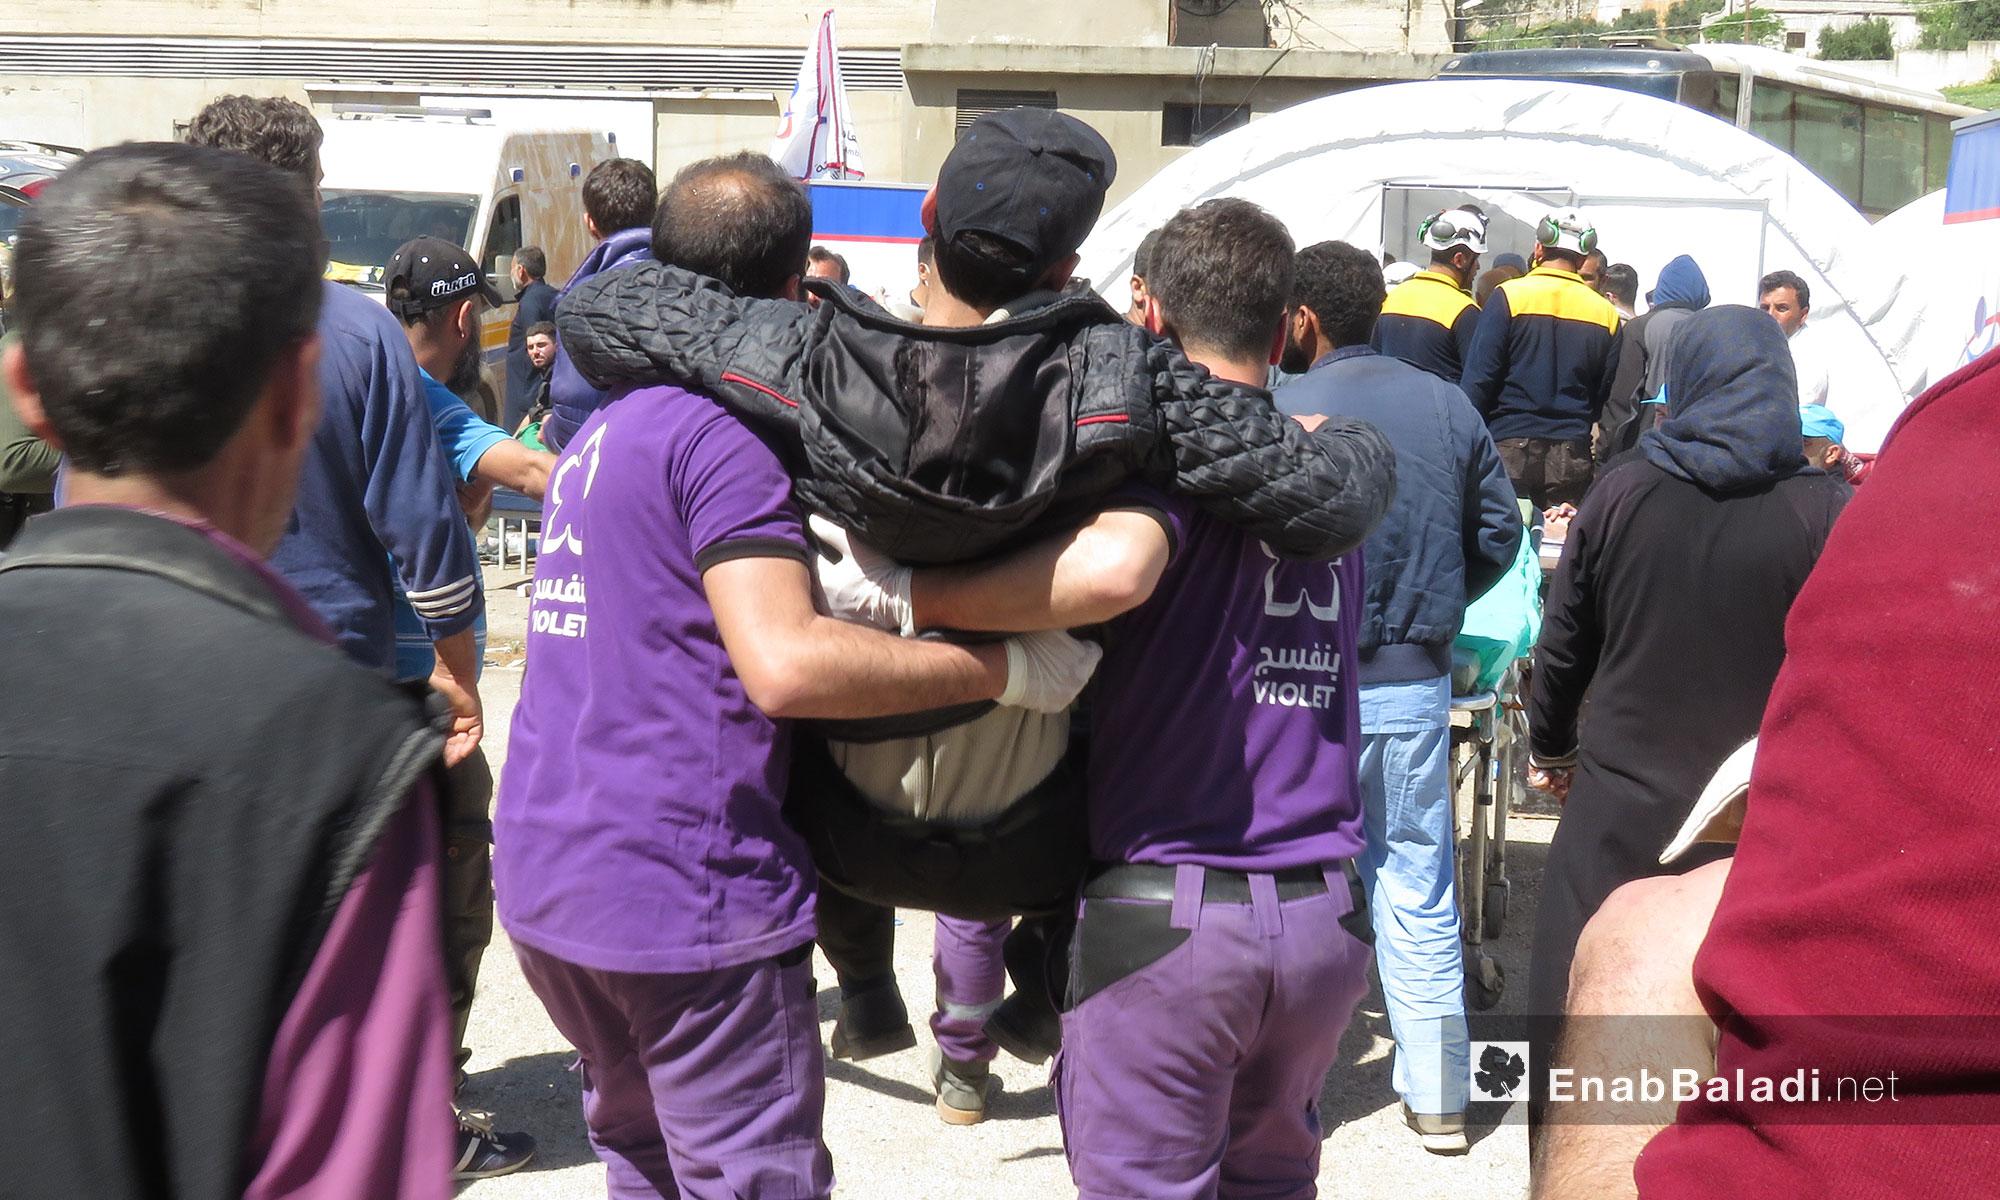 إسعاف جرحى مهجرو عربين لحظة وصولهم قلعة المضيق بريف حماة - 26 آذار 2018 (عنب بلدي)